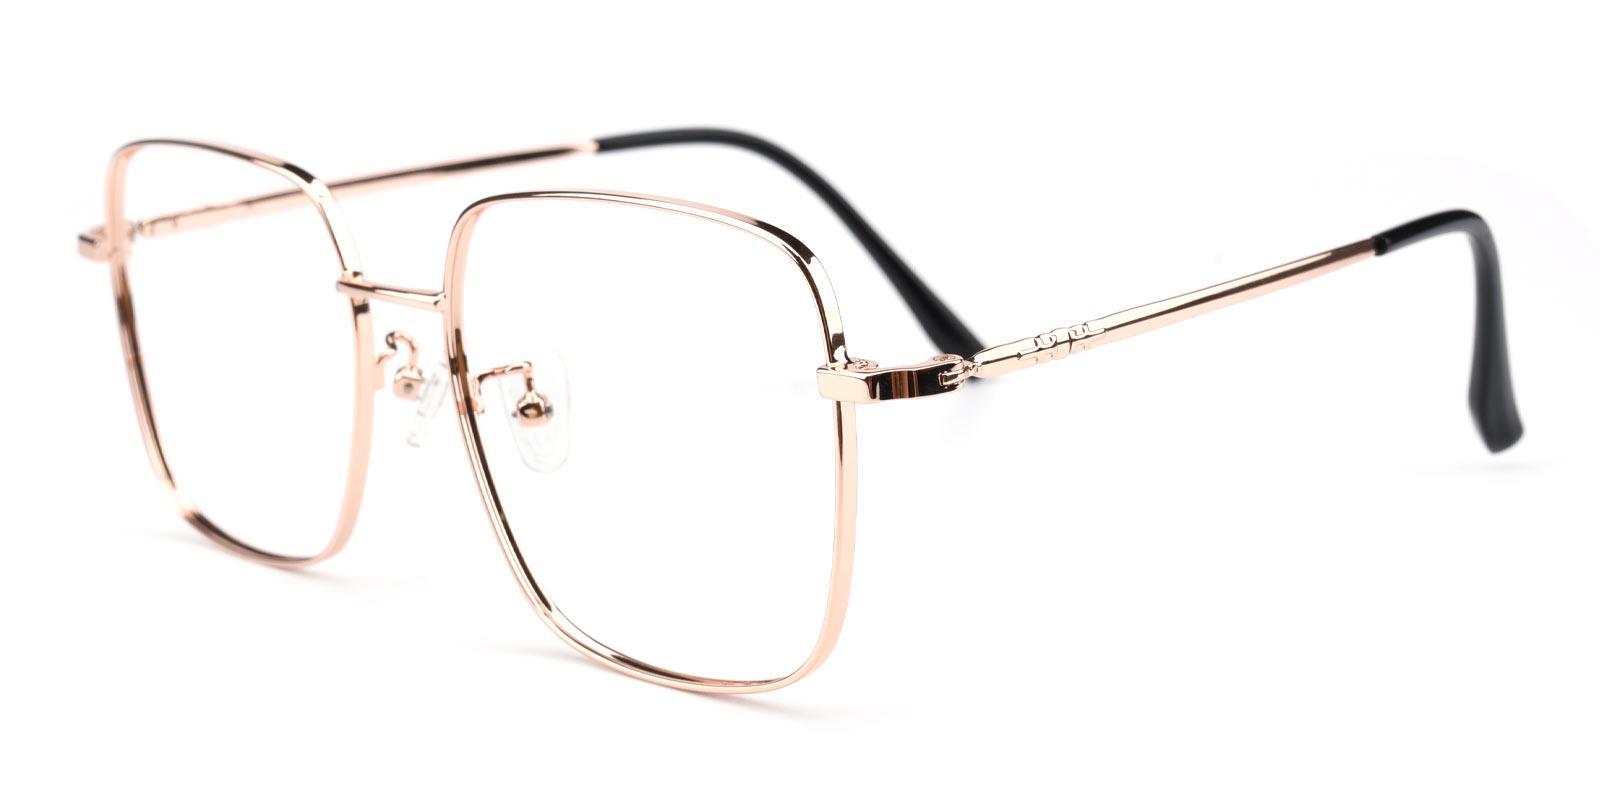 Zack-Pink-Square-Metal-Eyeglasses-detail